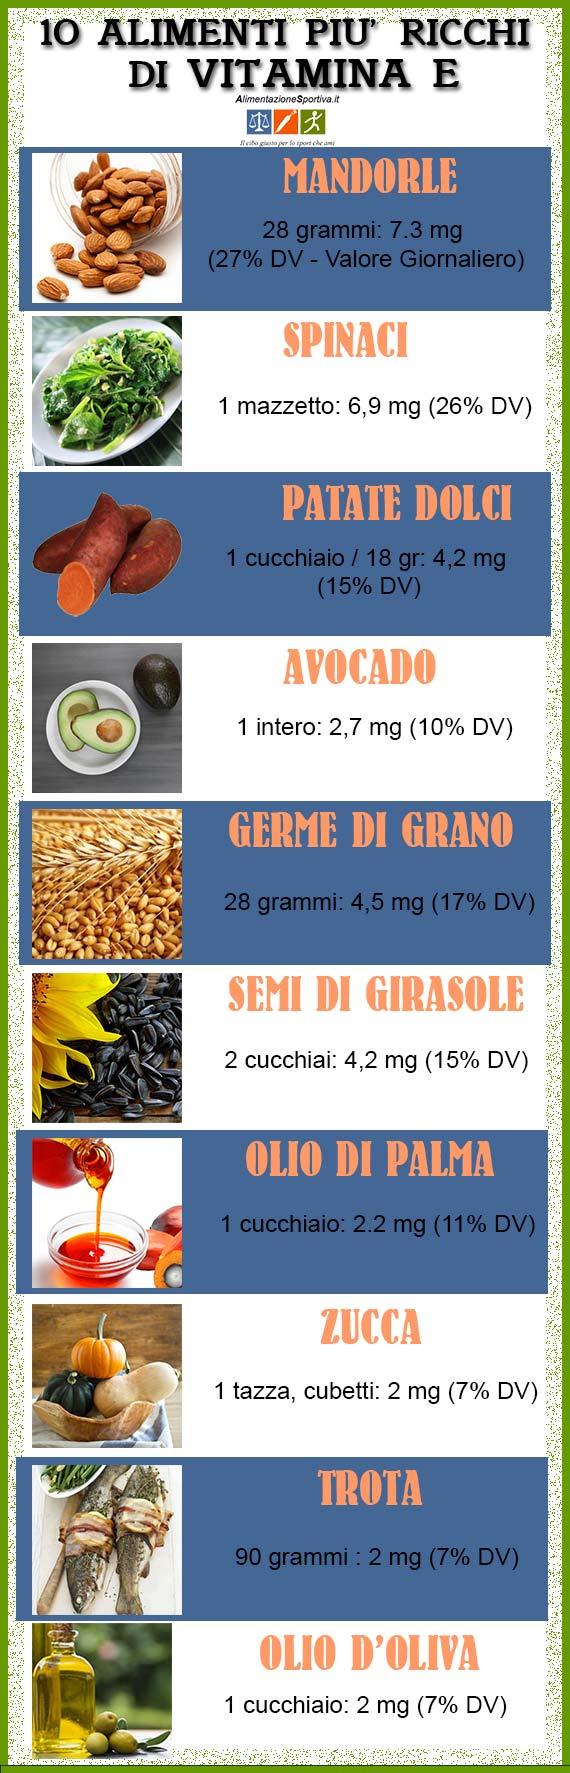 Lista alimenti ricchi di vitamina E